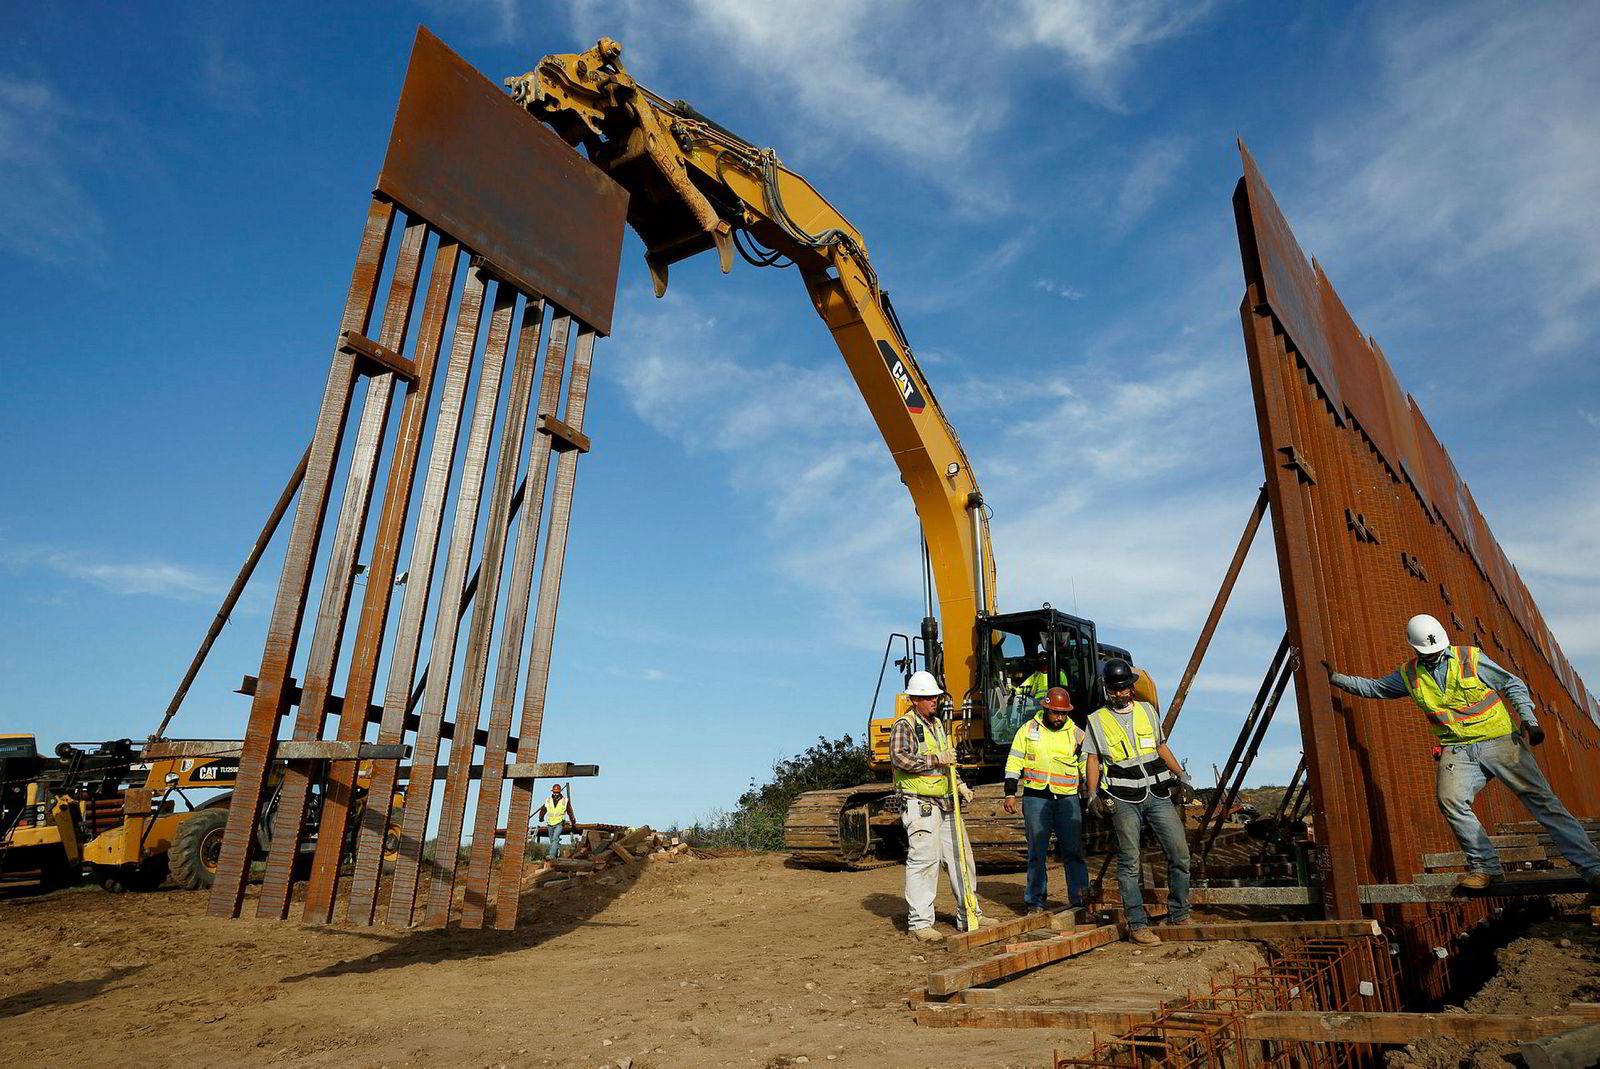 Bygging av grensesperringer pågår enkelte steder, som her på grensen mellom Tijuana og San Diego i California. President Donald Trump sier nå at han kan gå med på et grensegjerde av amerikansk stål i stedet for en betongmur.